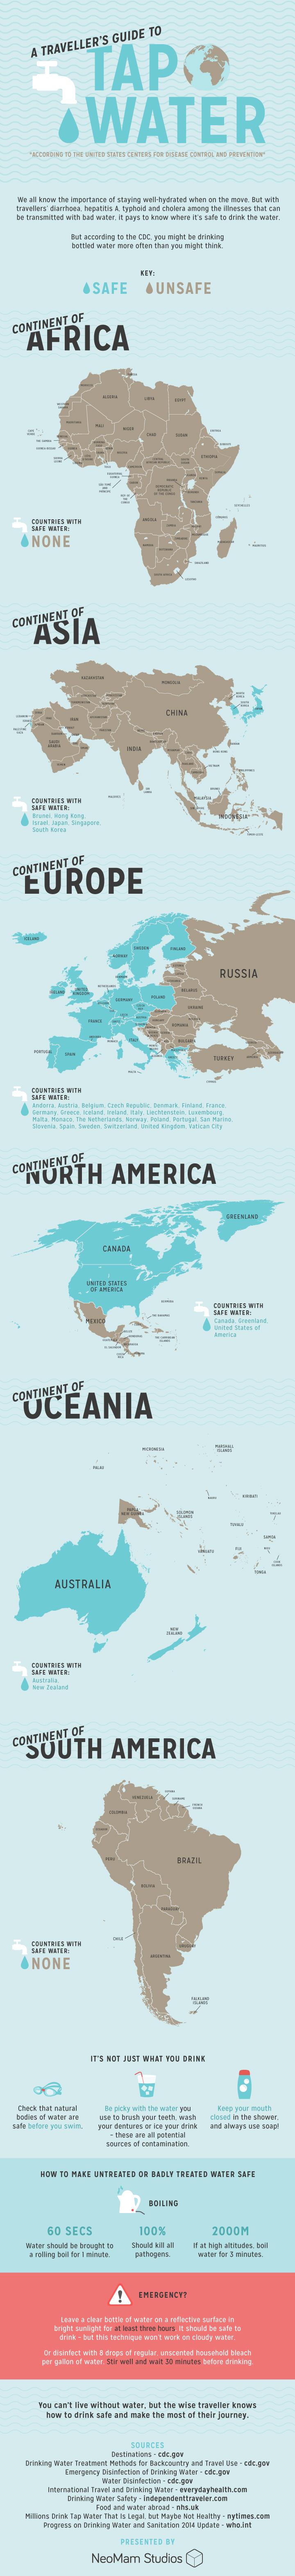 旅行者向け水道水ガイド – 各国の水道水事情を示すインフォグラフィック2